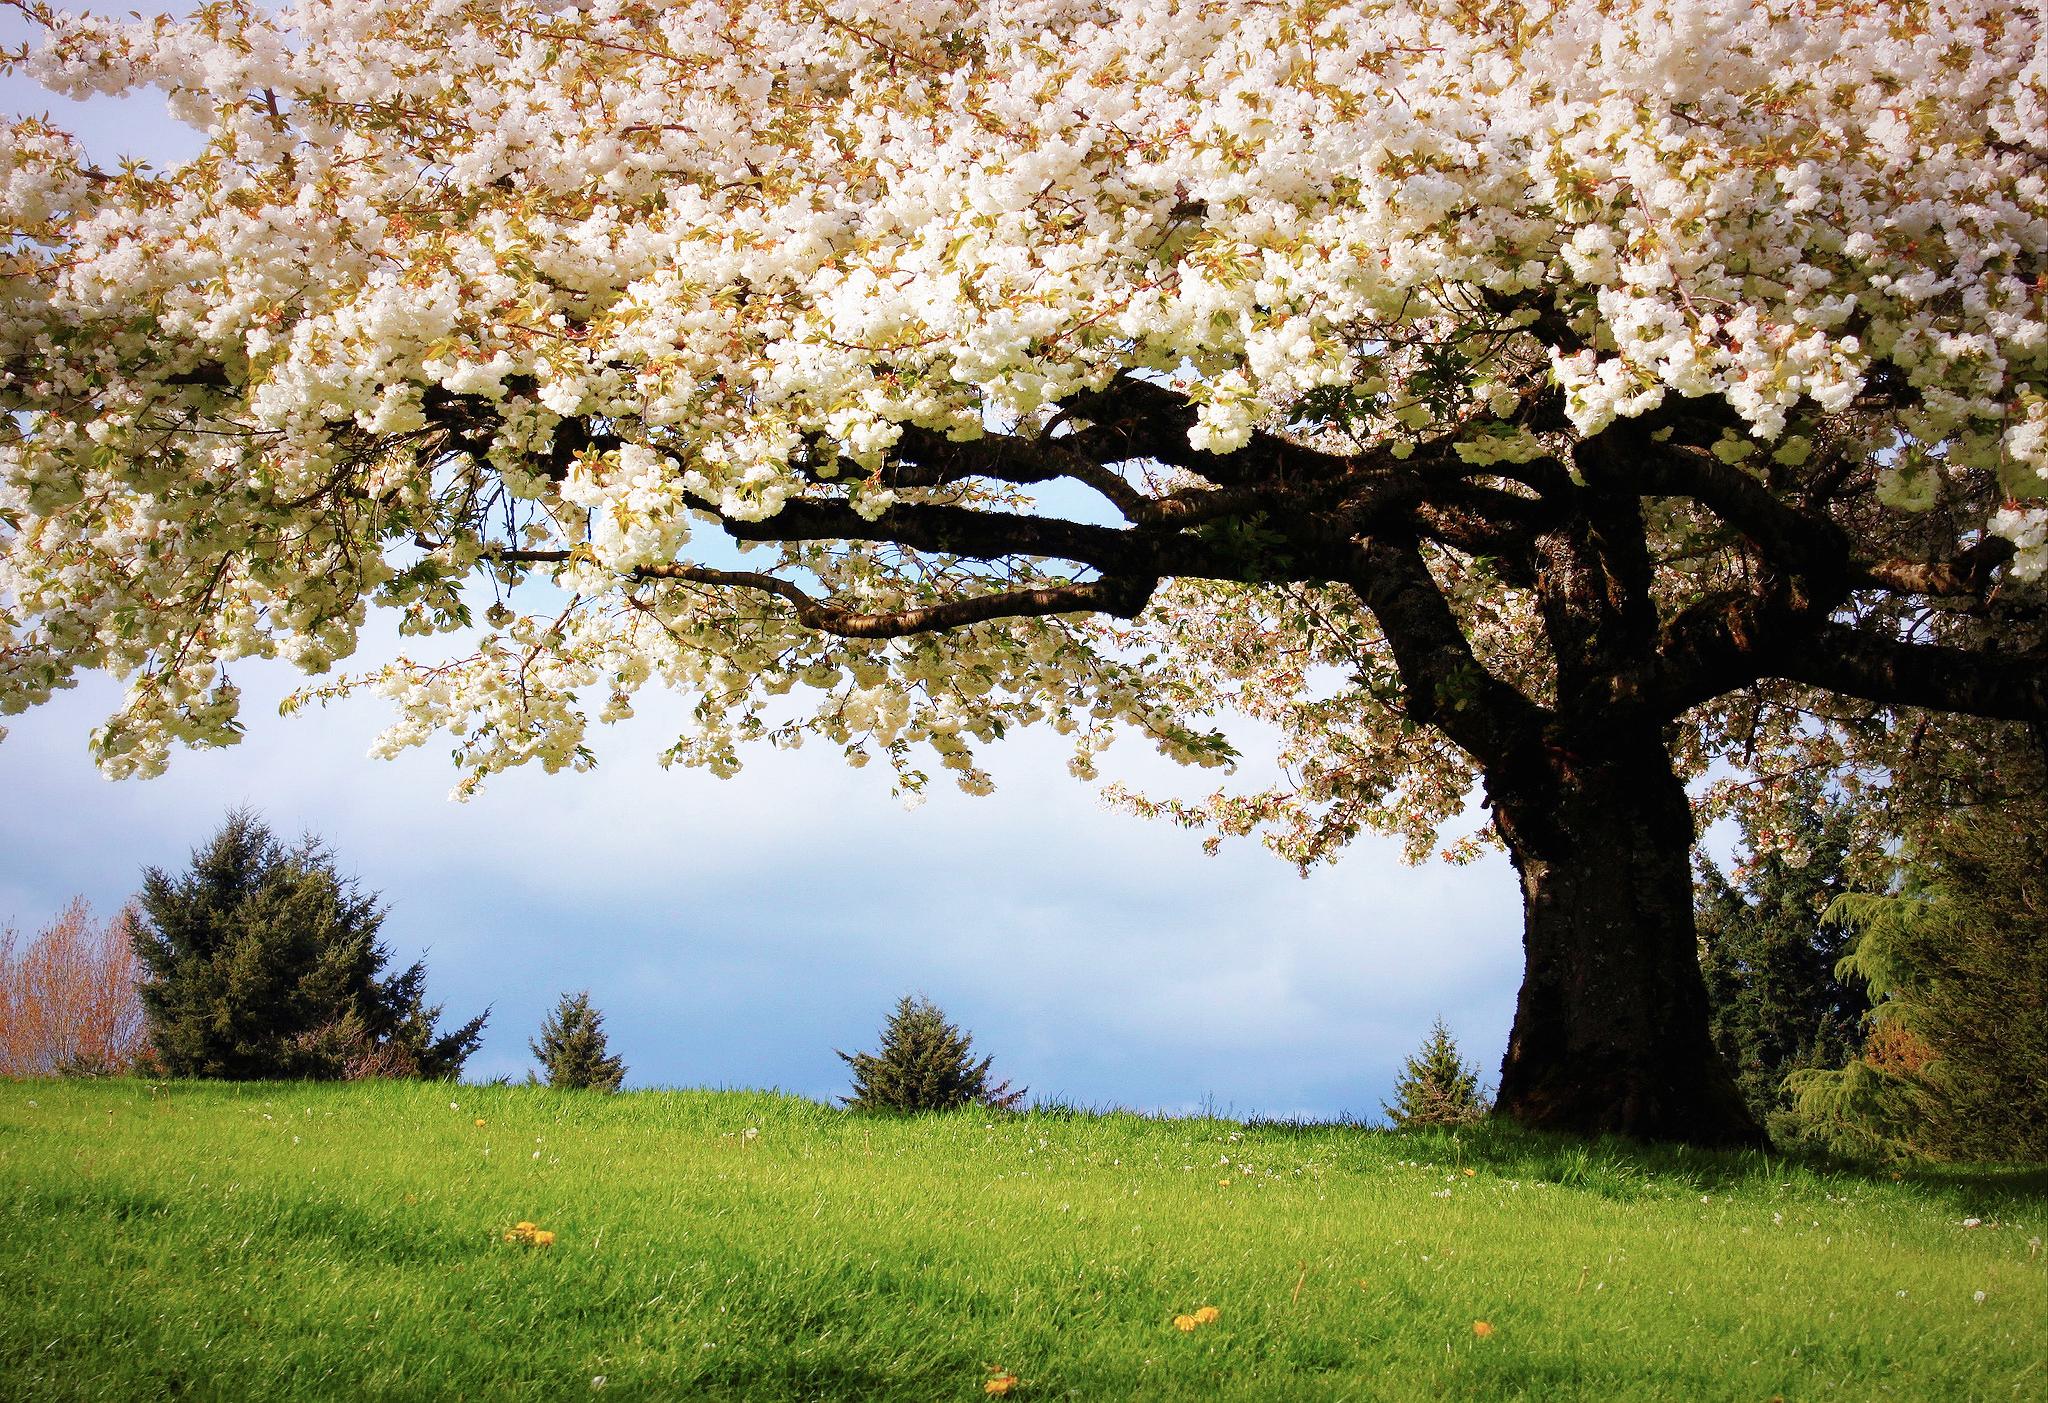 картинки весна для компа пилили деревья городе